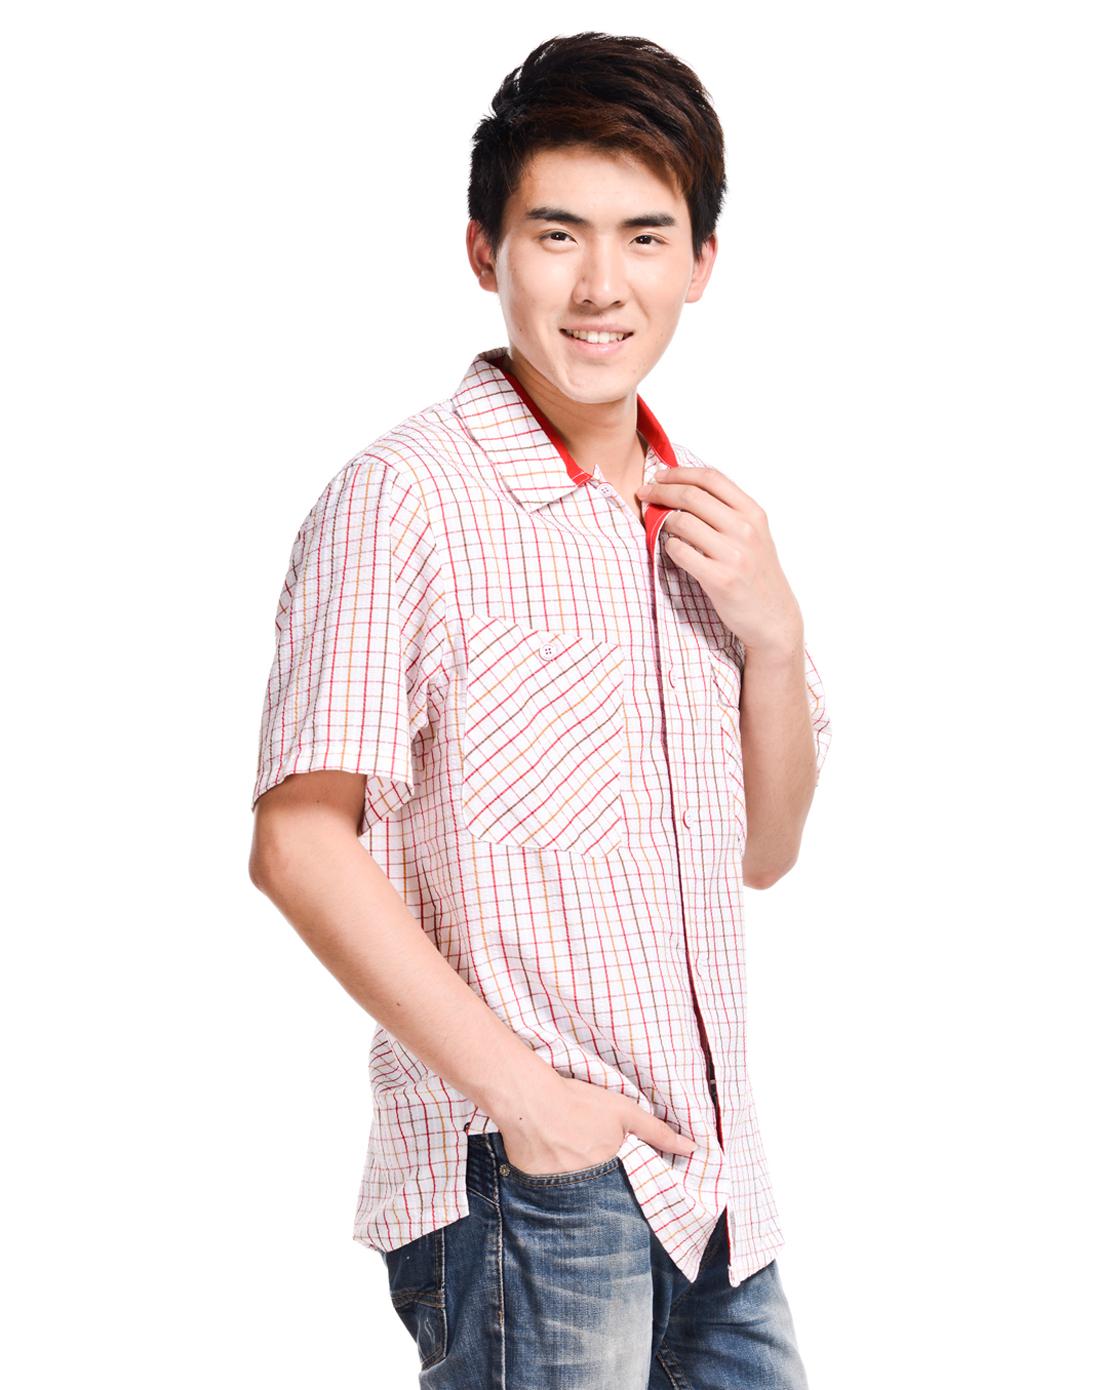 耐克nike男装专场-男子白底红条短袖衬衫